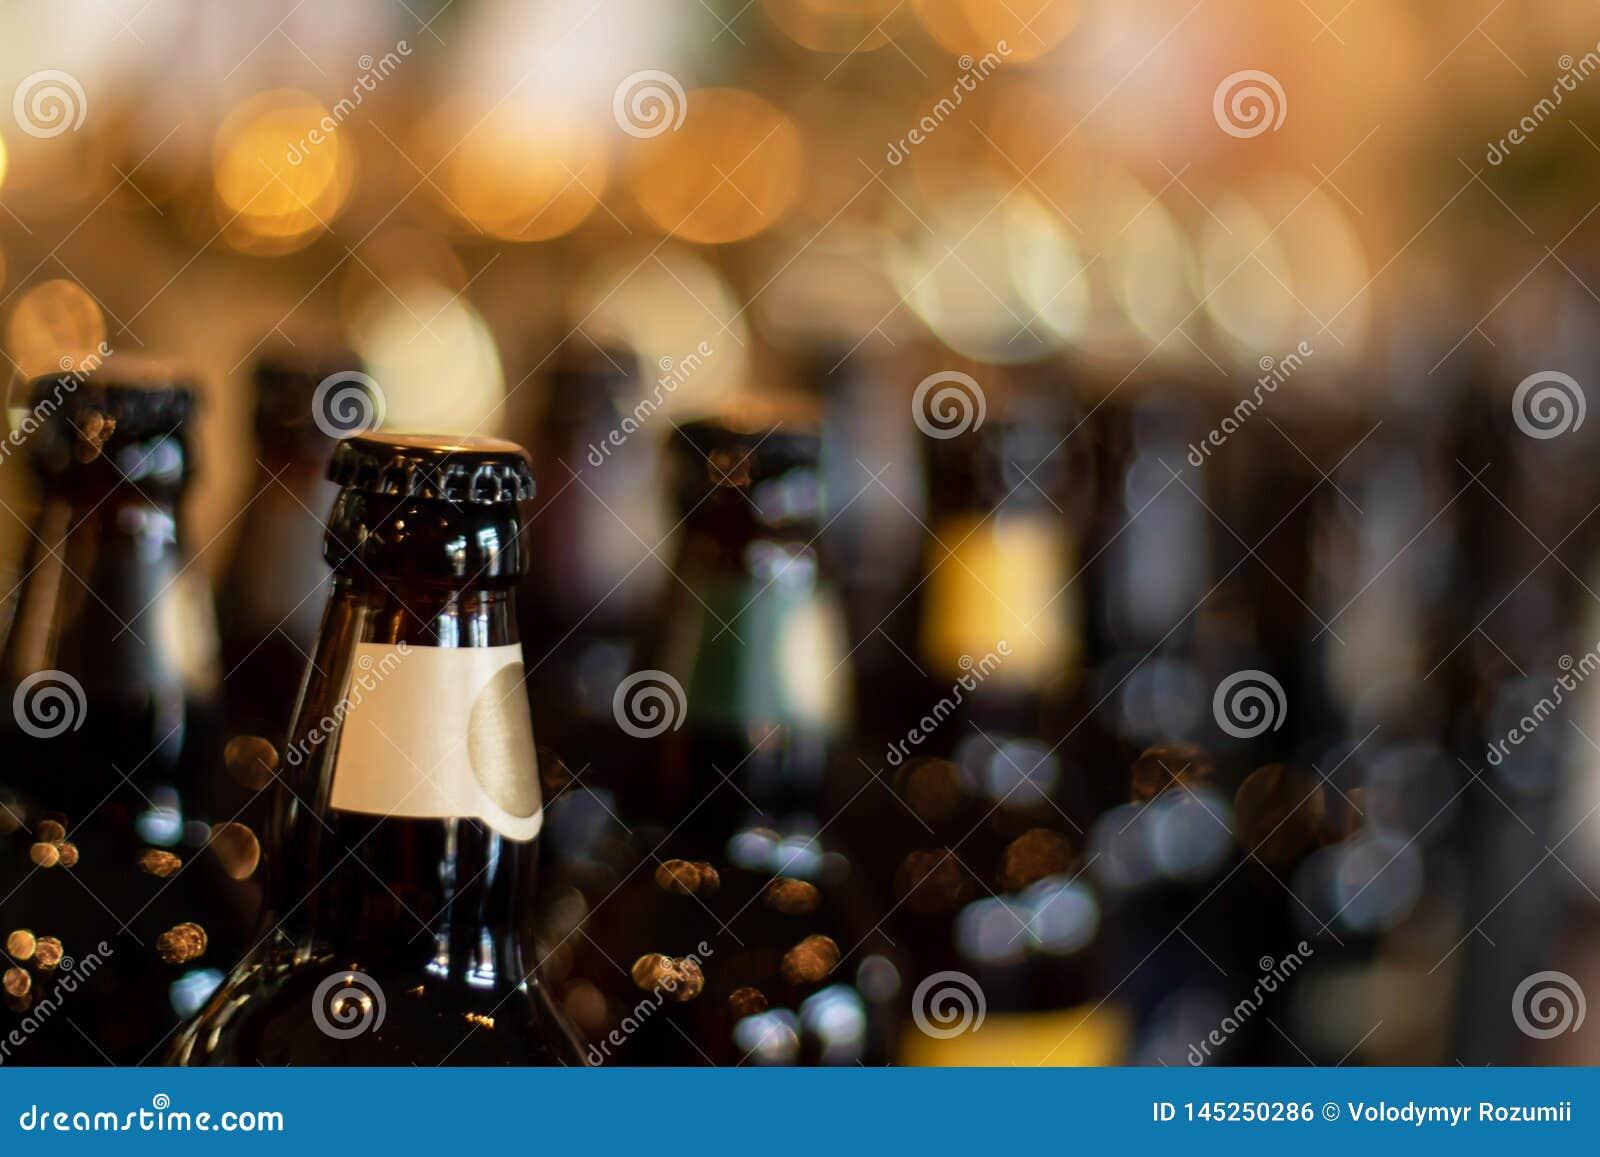 De flessen bier bevinden zich op de achtergrond van de onduidelijk beeldbar in de avond